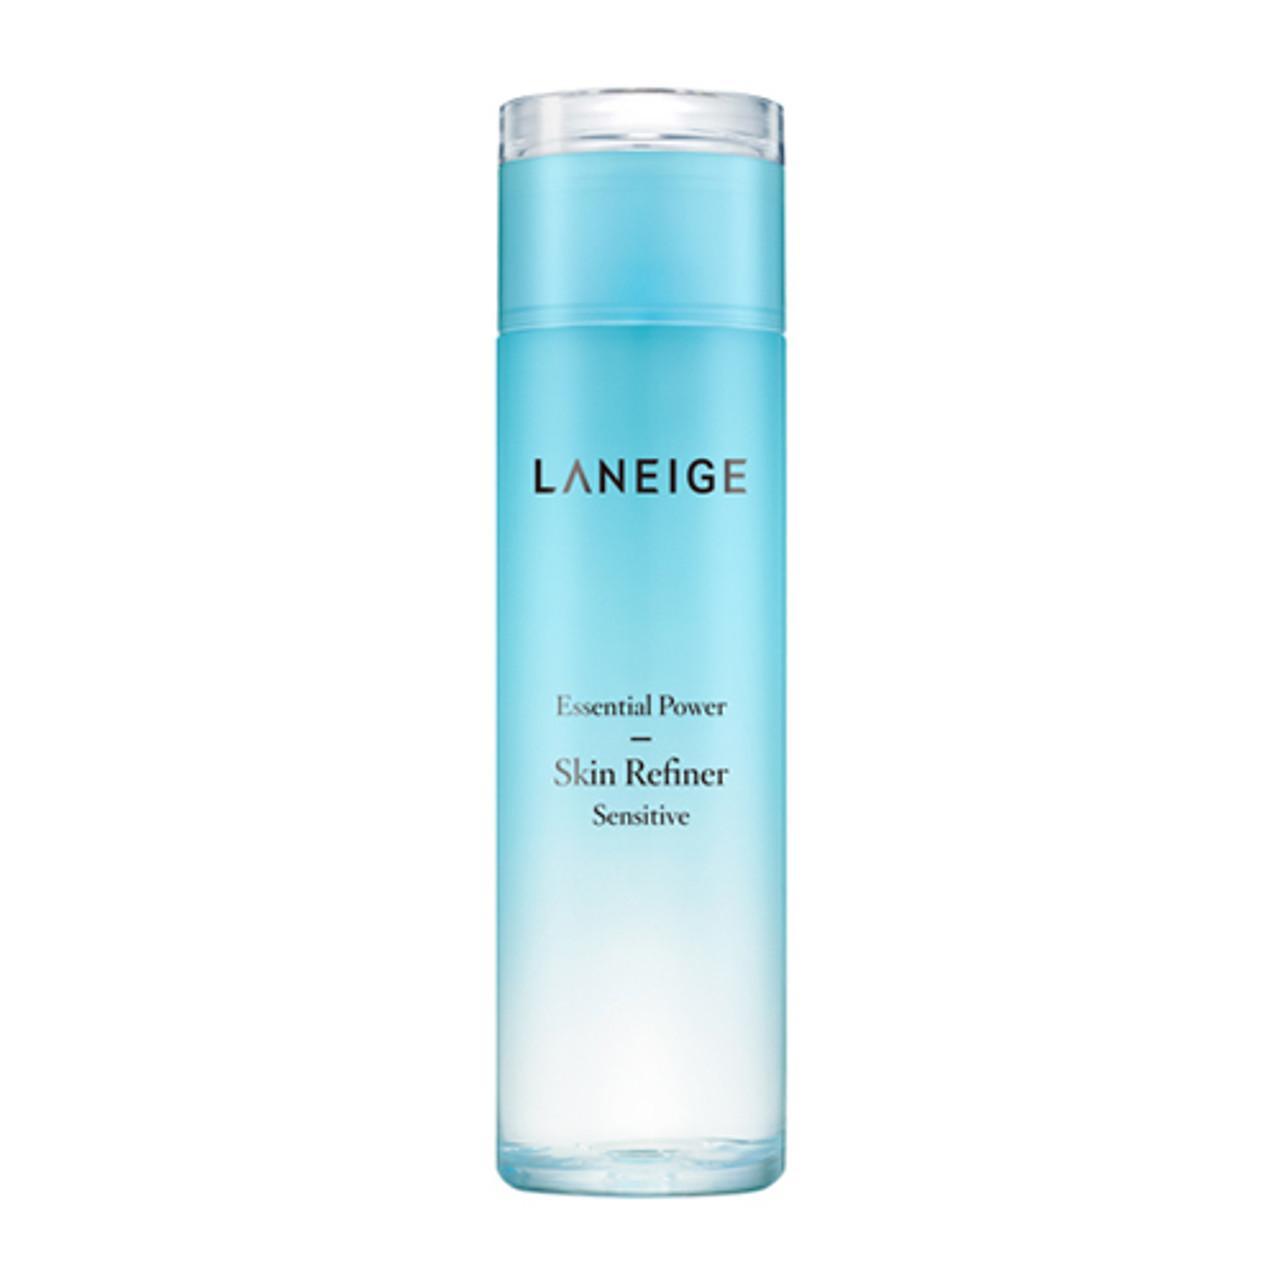 Laneige Essential Power Skin Refiner Sensitive Shop At